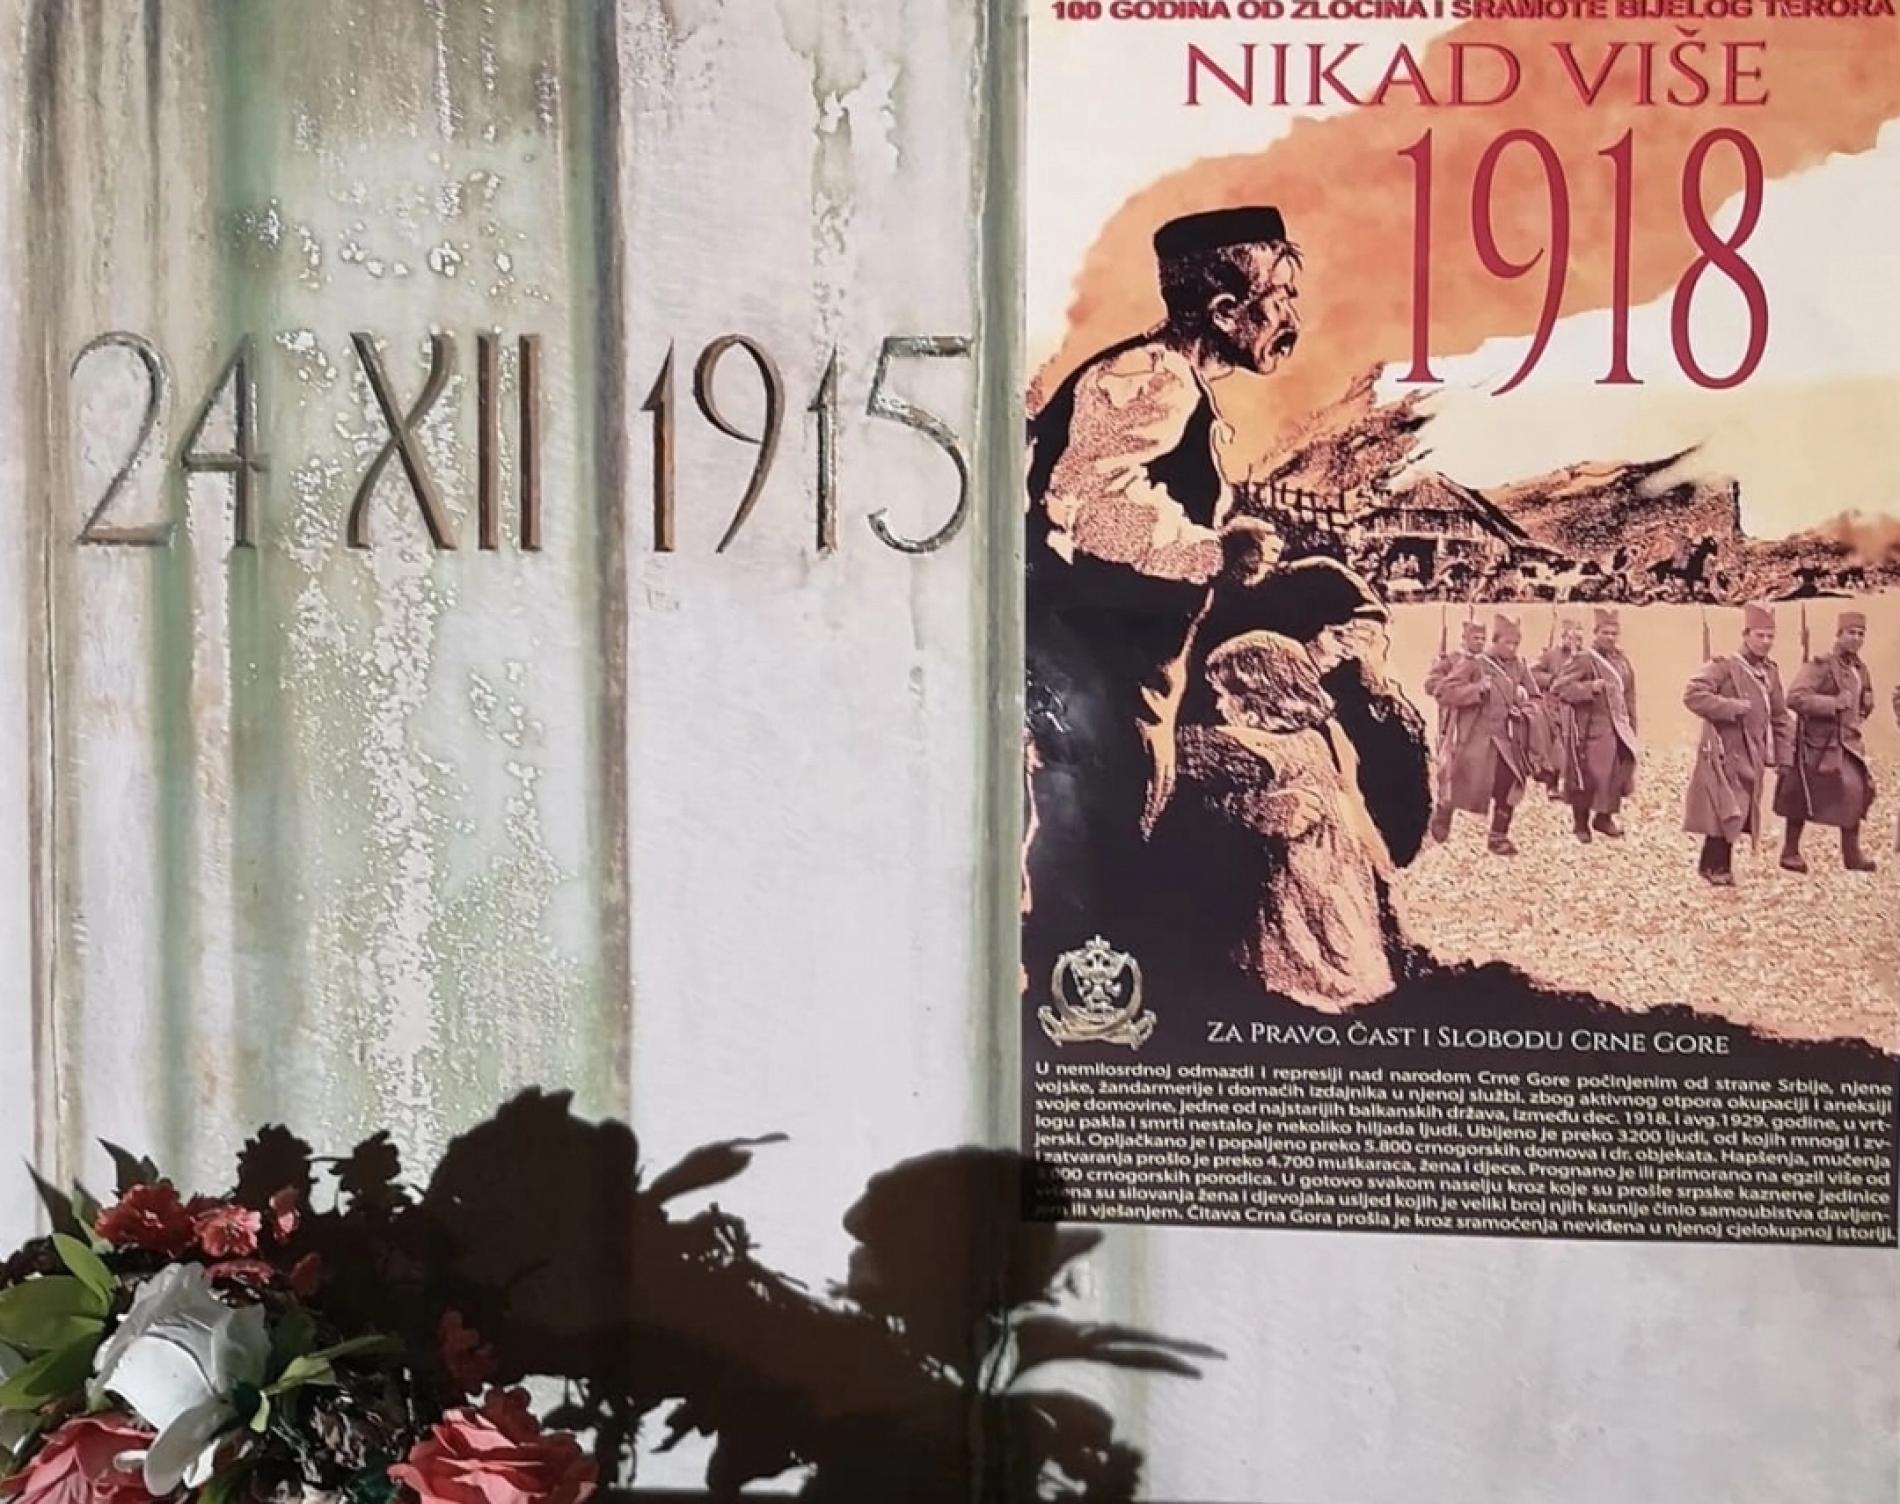 Crnogorci na stogodišnjicu od srpske okupacije: Nikad više 1918!